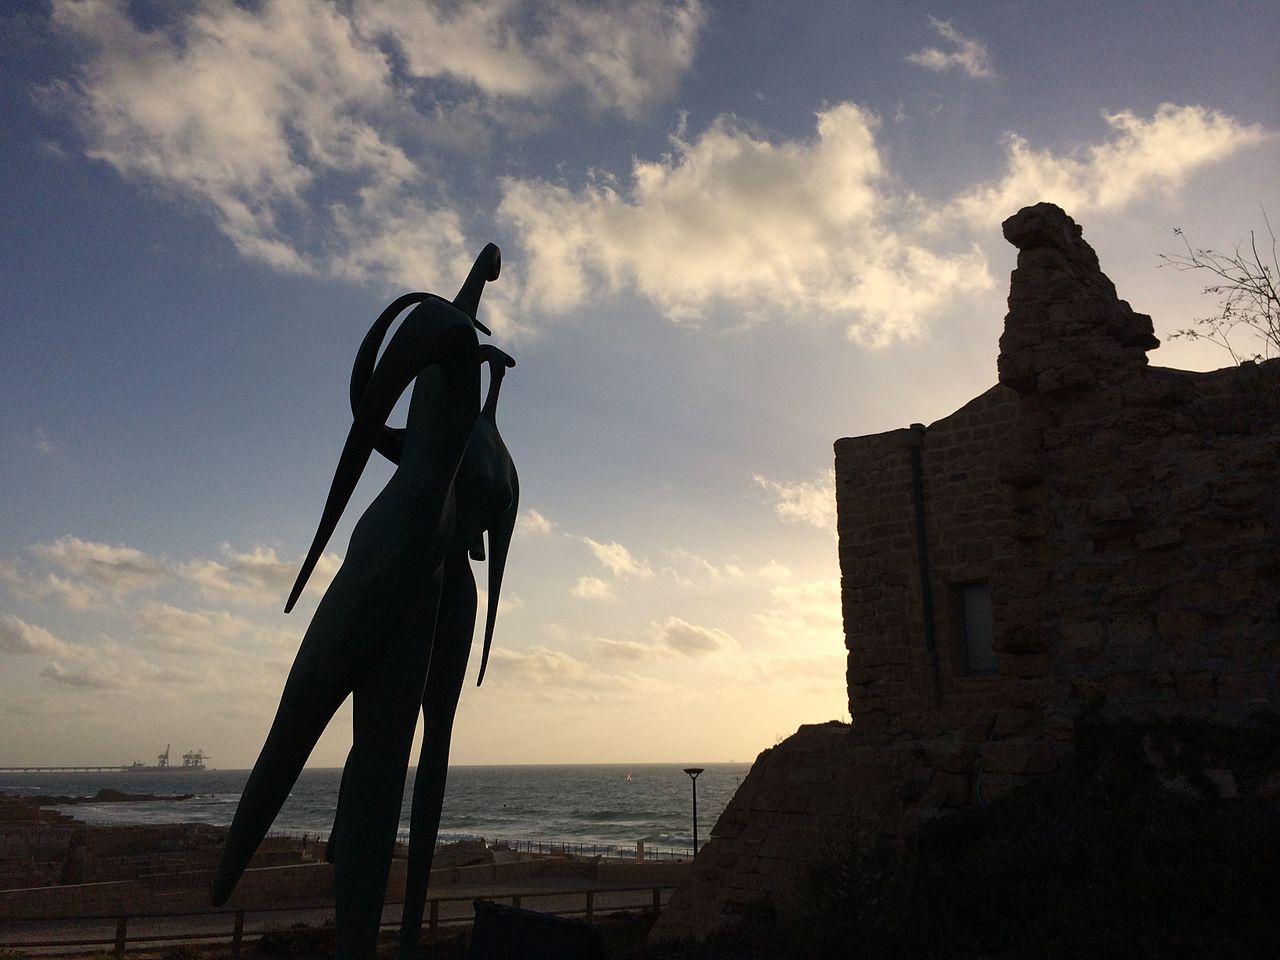 File:Sculpture facing the sea, Caesarea.JPG